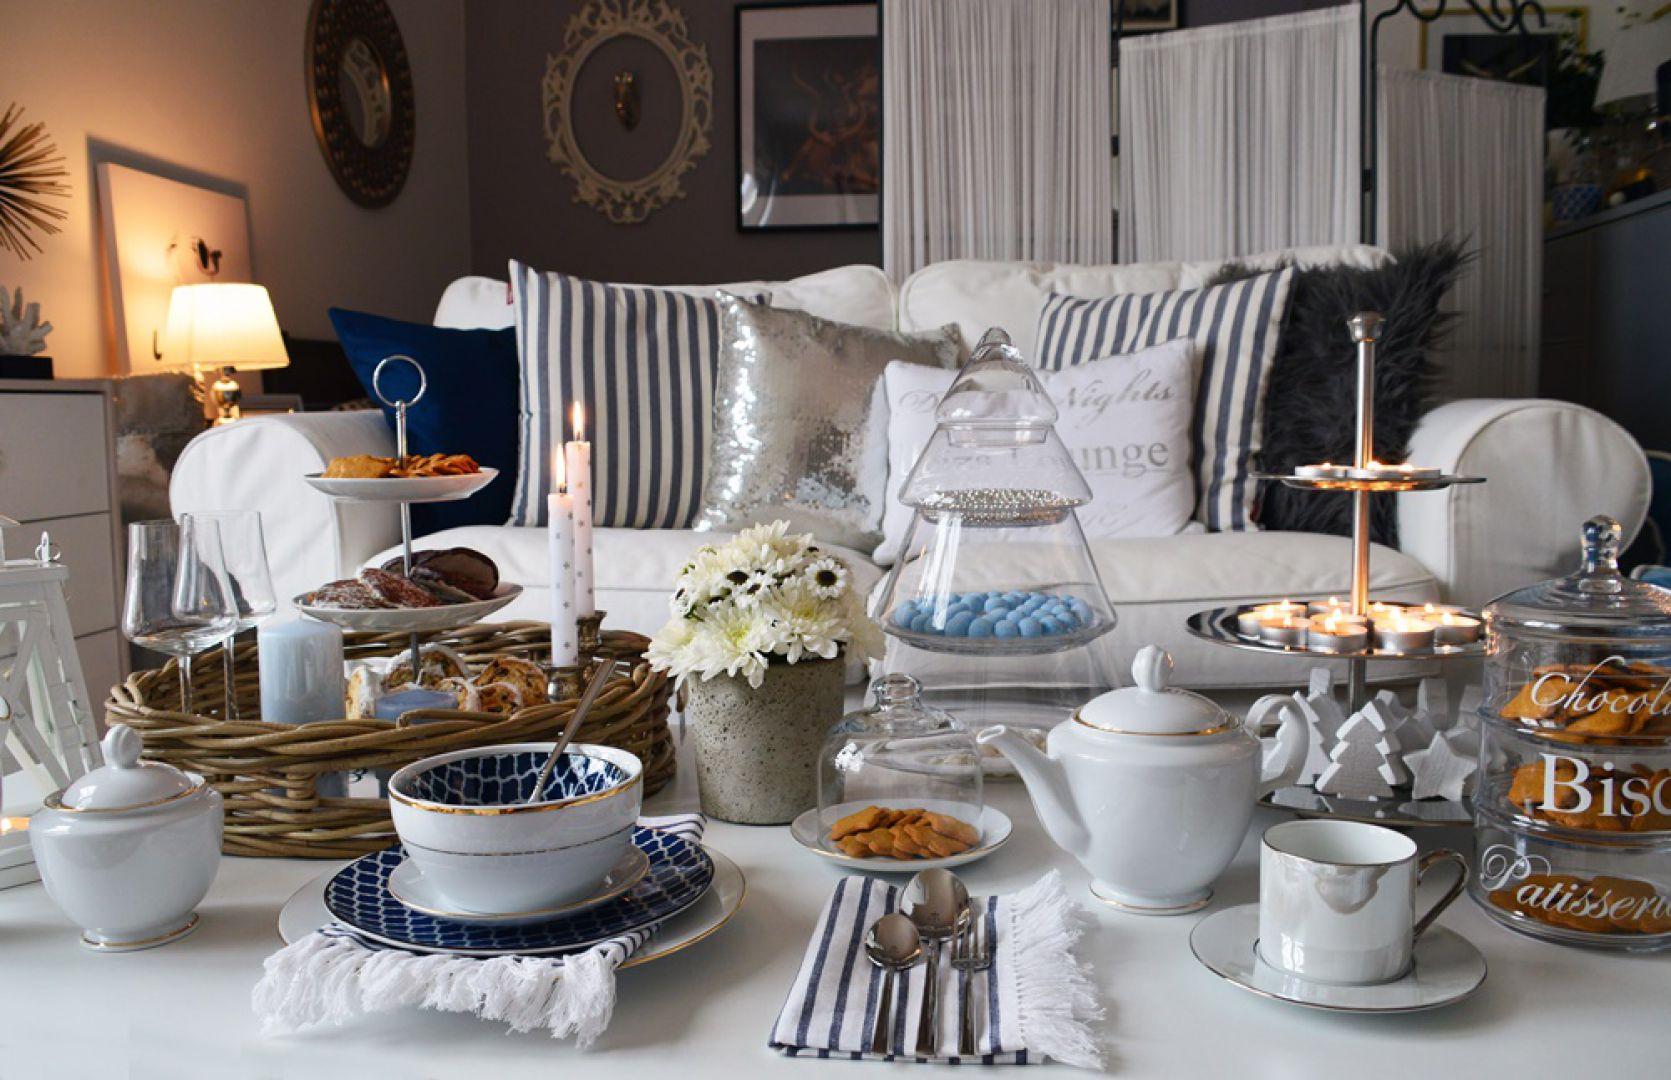 Elegancka patera 3 piętrowa 39,99 zł, wiklinowe tace śniadaniowe - 2 szt. 109,99 zł, szklany słój CHRISTMAS TREE 72,99 zł - wszystkie produkty dostępne w Emako.pl